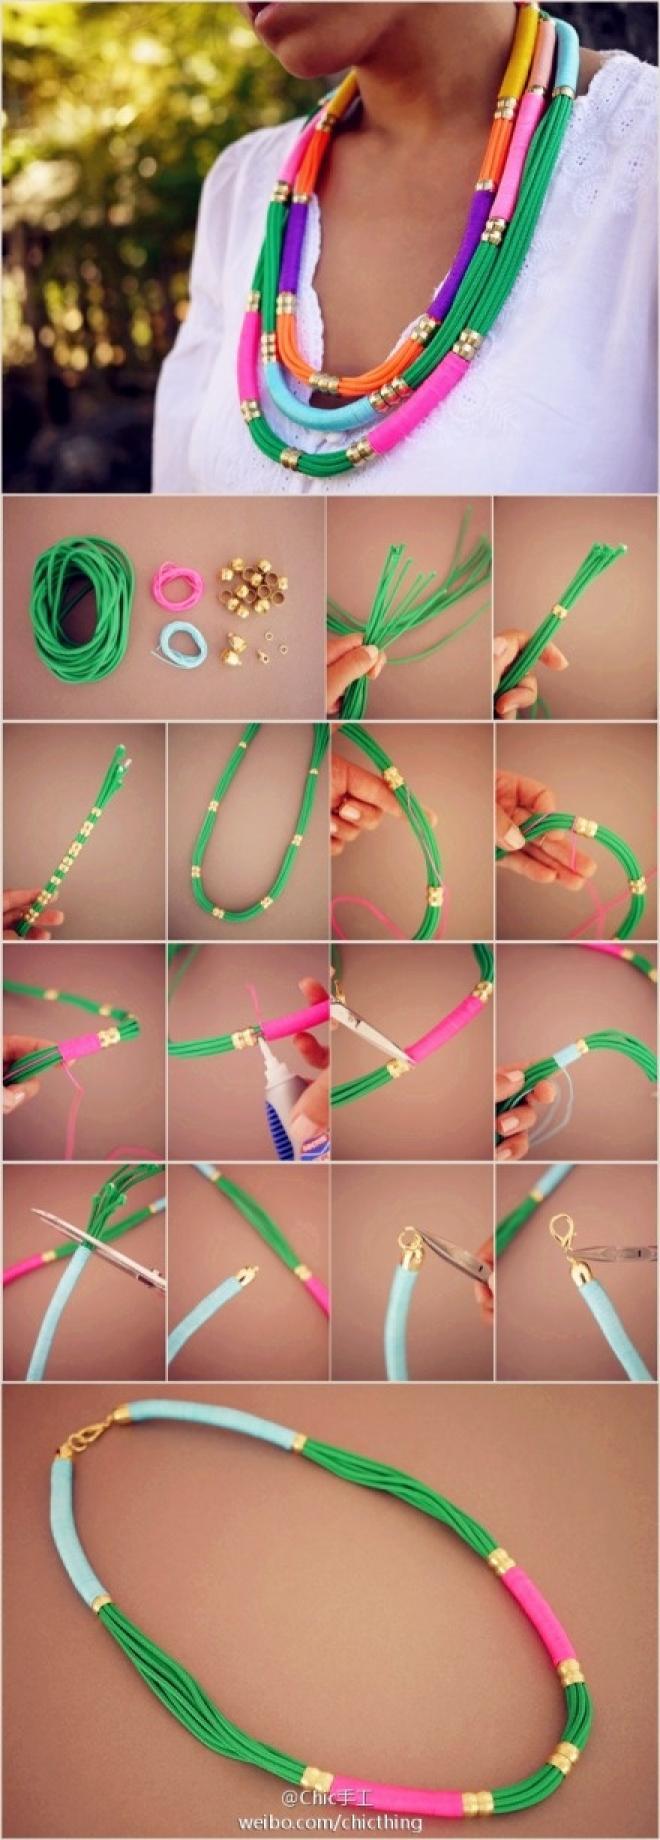 DIY Multicolored Necklaces